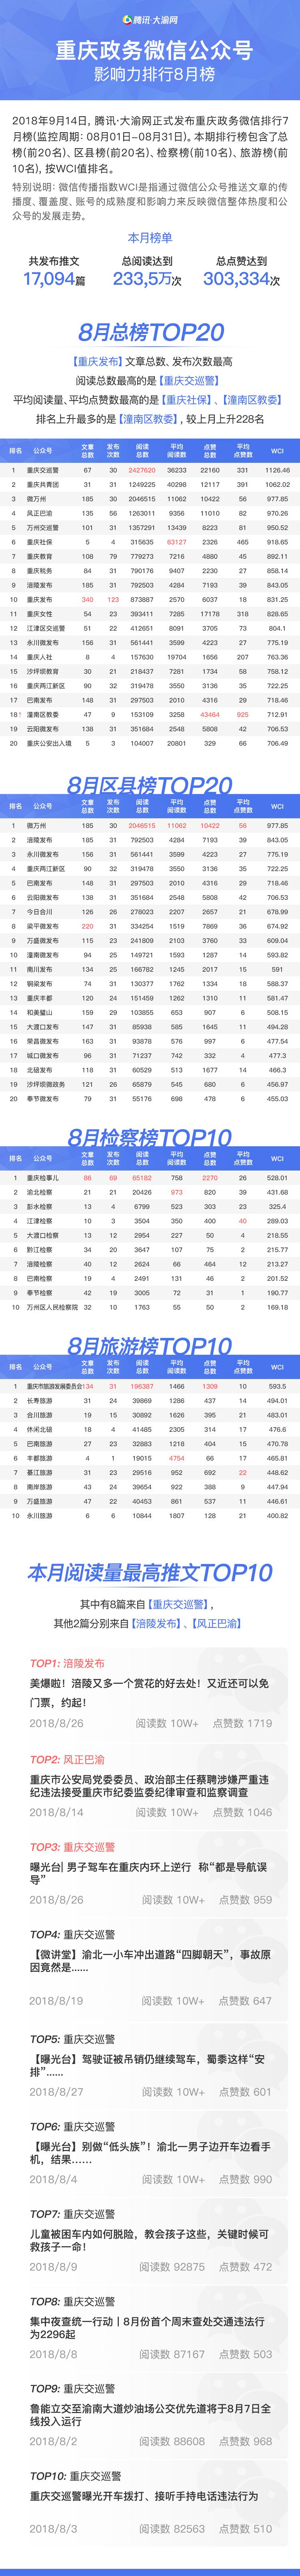 """重庆政务微信排行8月榜 """"潼南区教委""""进入总榜前20"""